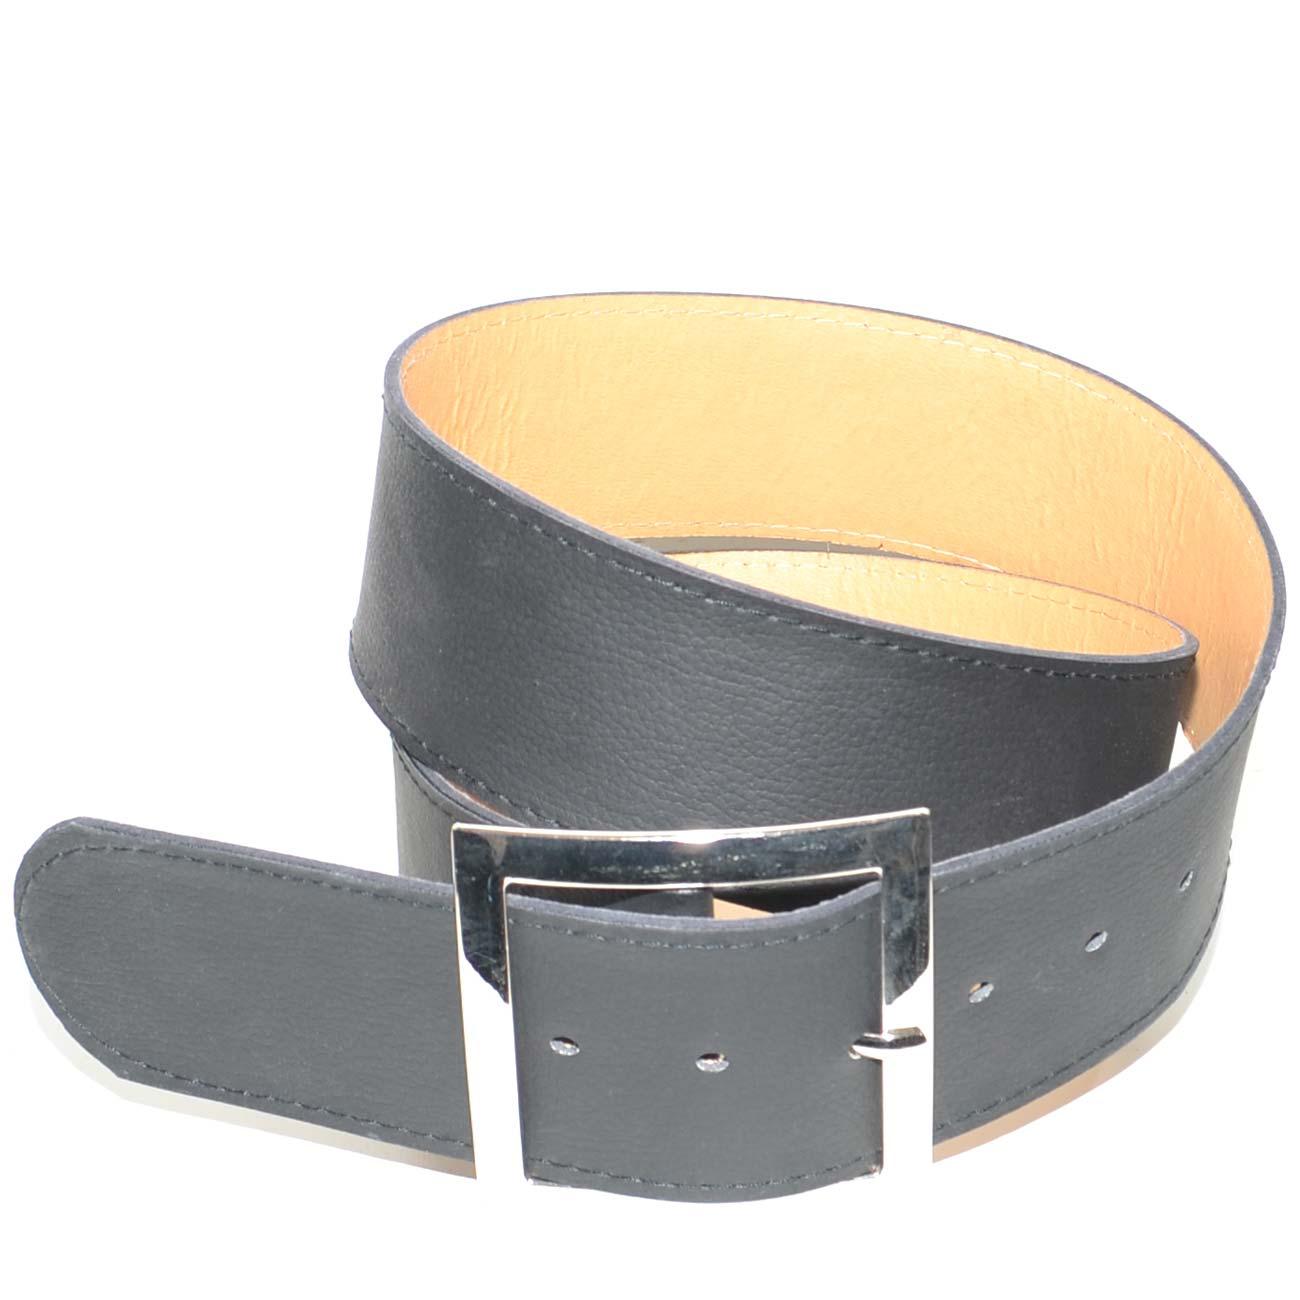 nuovo stile di vita di prim'ordine dopo Cinturone nero in ecopelle con fibbia quadrata argento da poter mettere in  vita o sui fianchi regolabile alto 6 cm donna cinture Malu shoes | ...